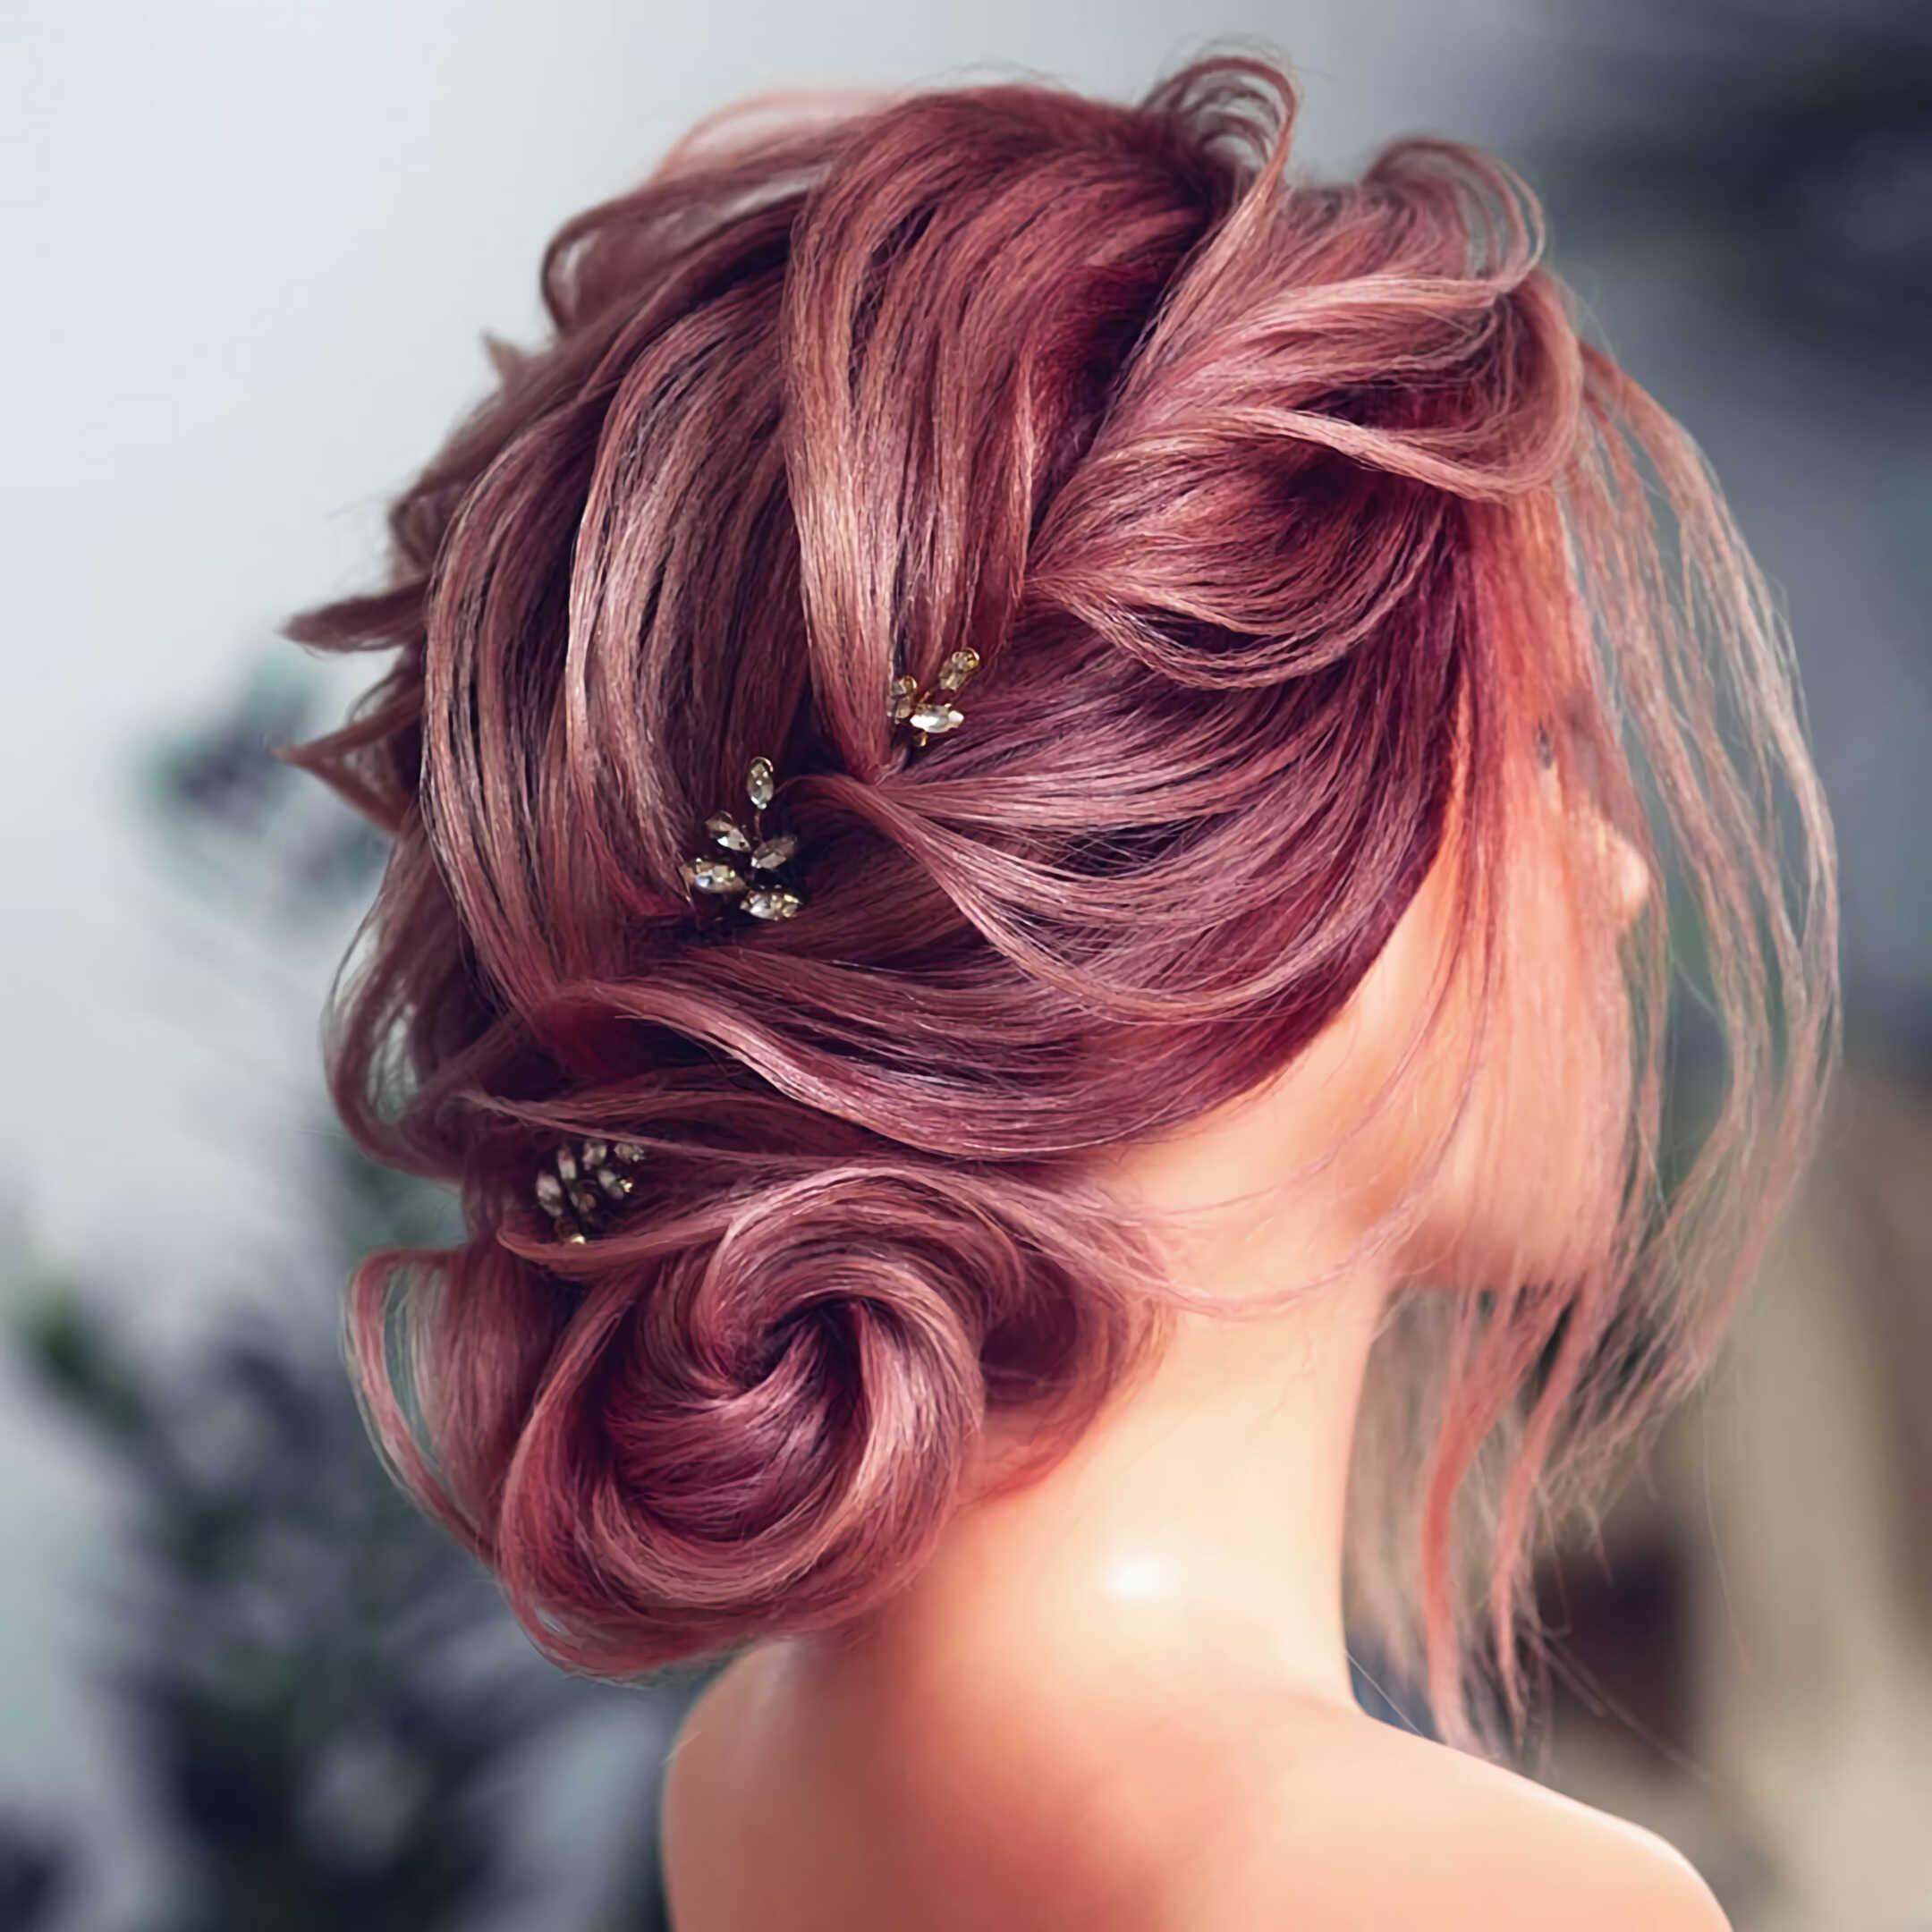 модная вечерняя прическа с фиолетовым пучком